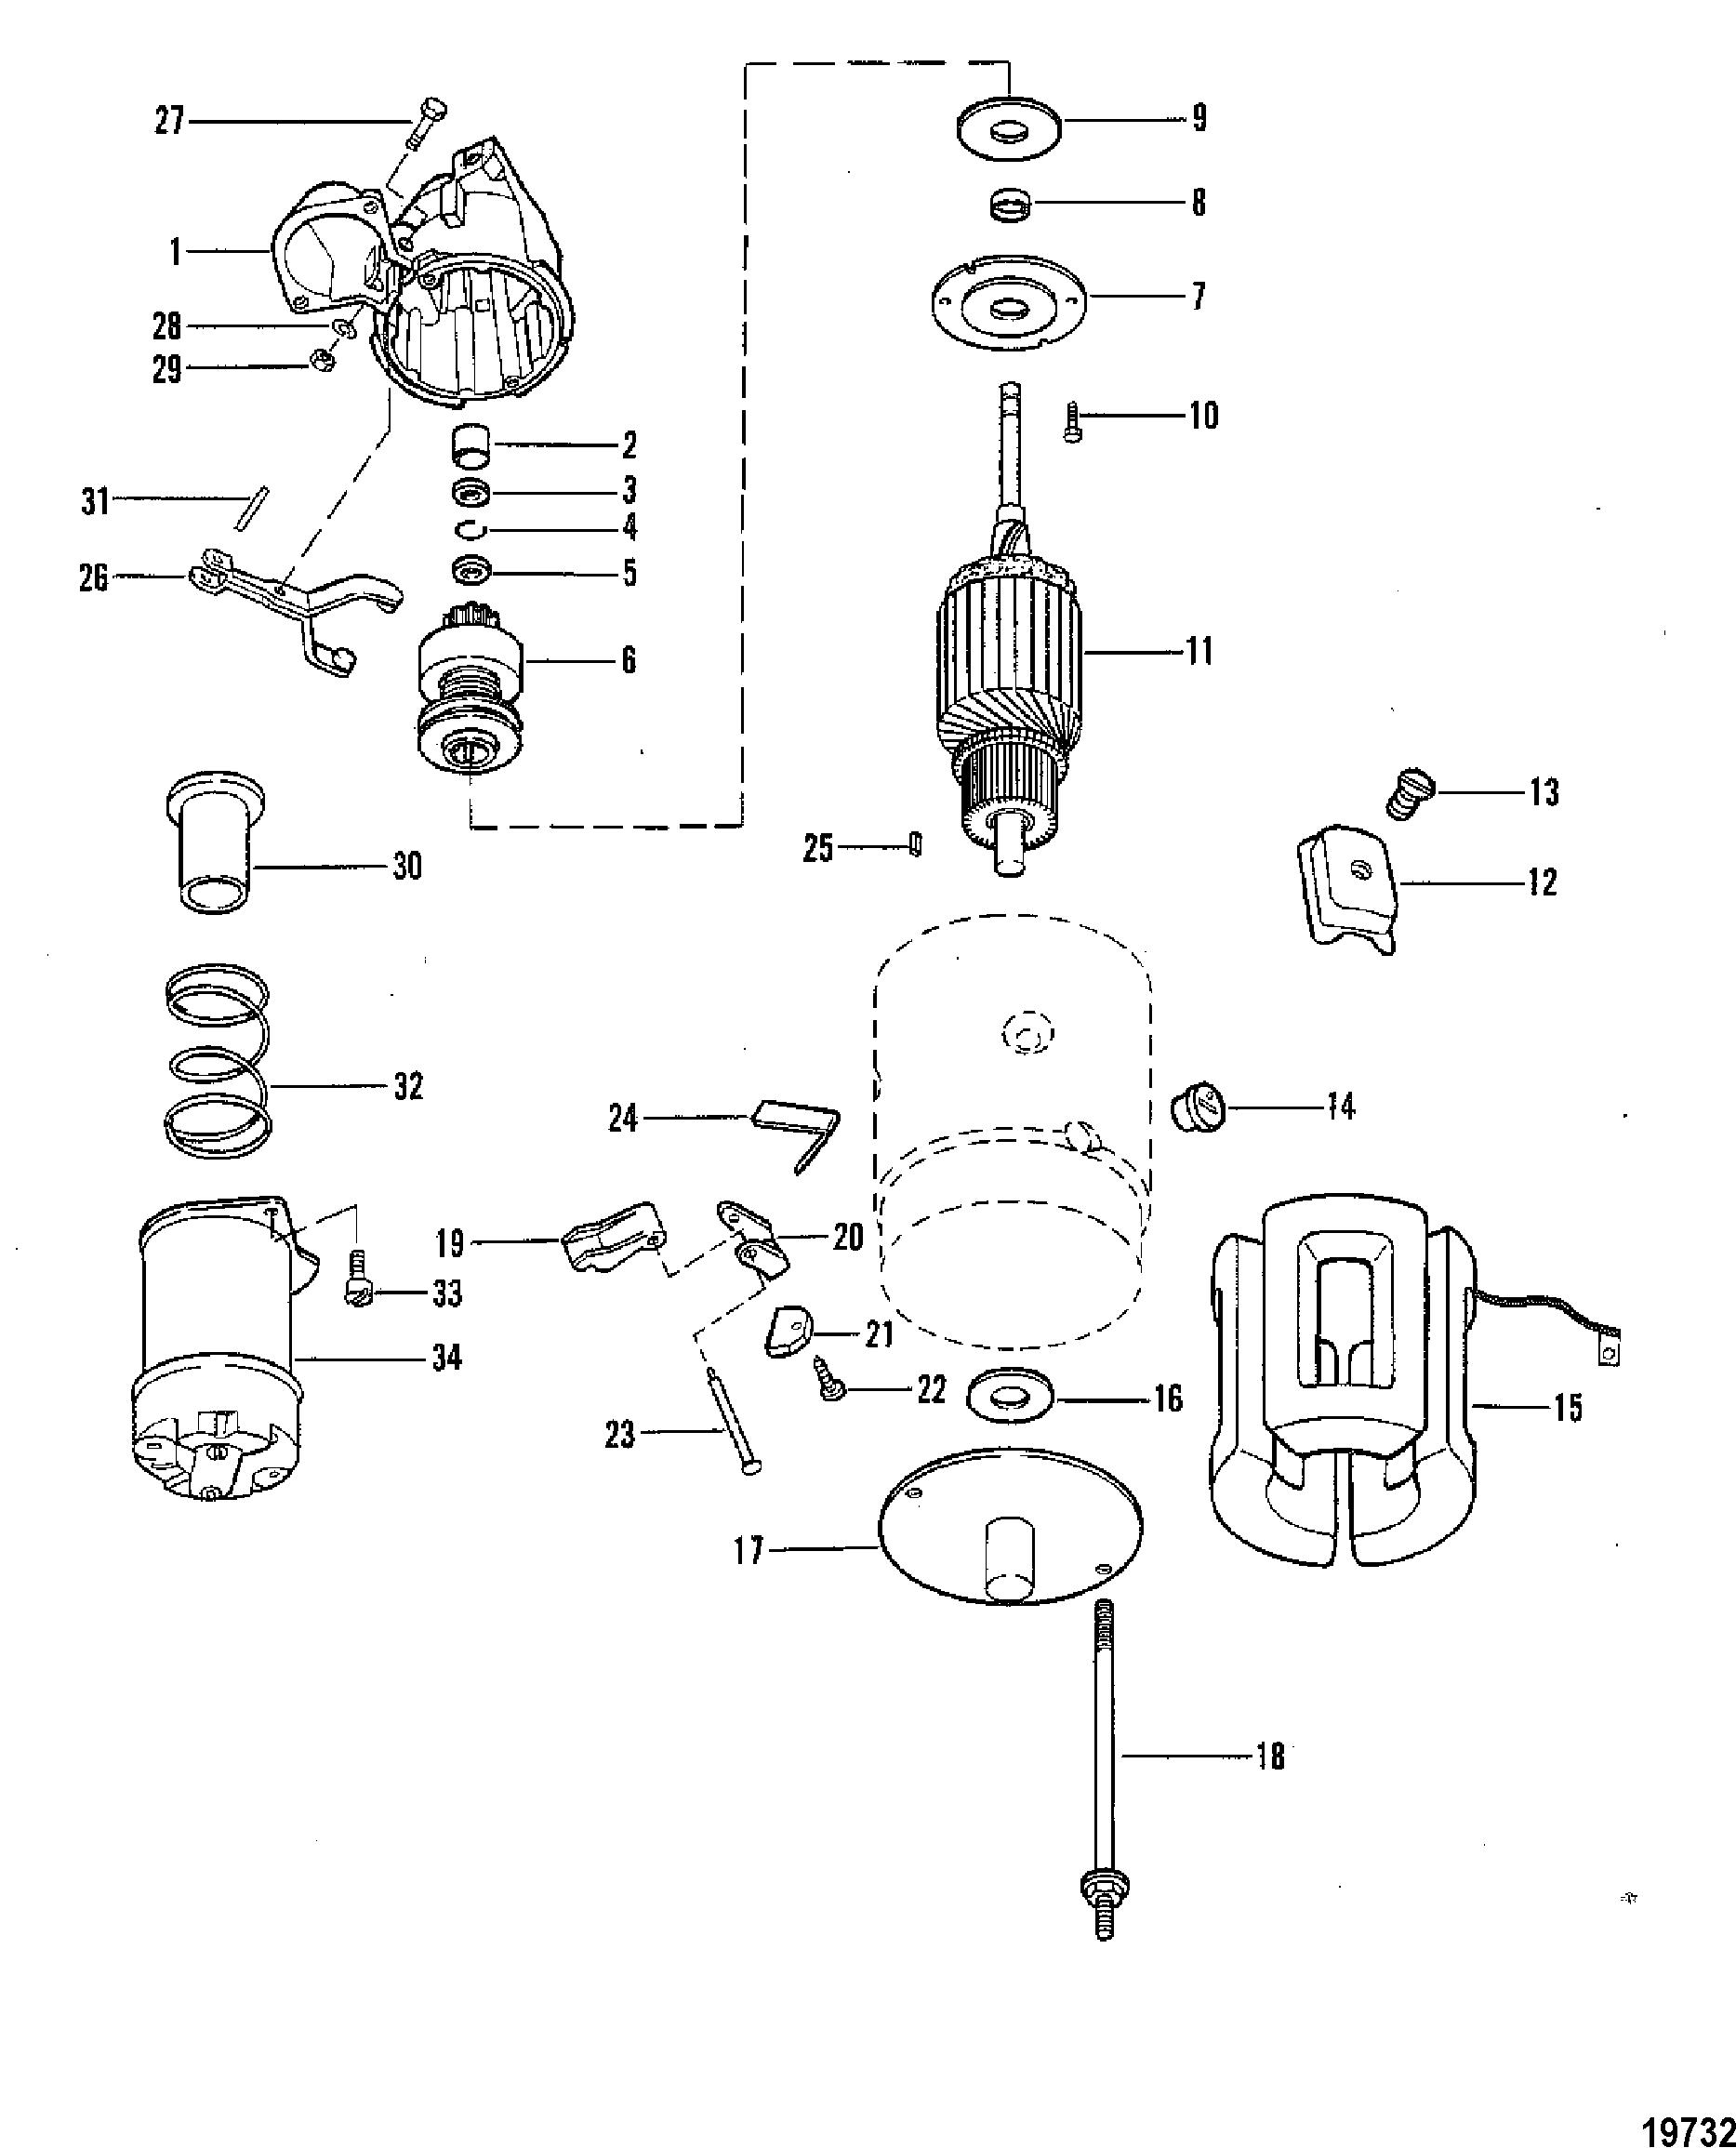 КатаРог запчастей mercruiser остаРьные 440 trs gm 454 v 8 1983 starter motor assembly · photos